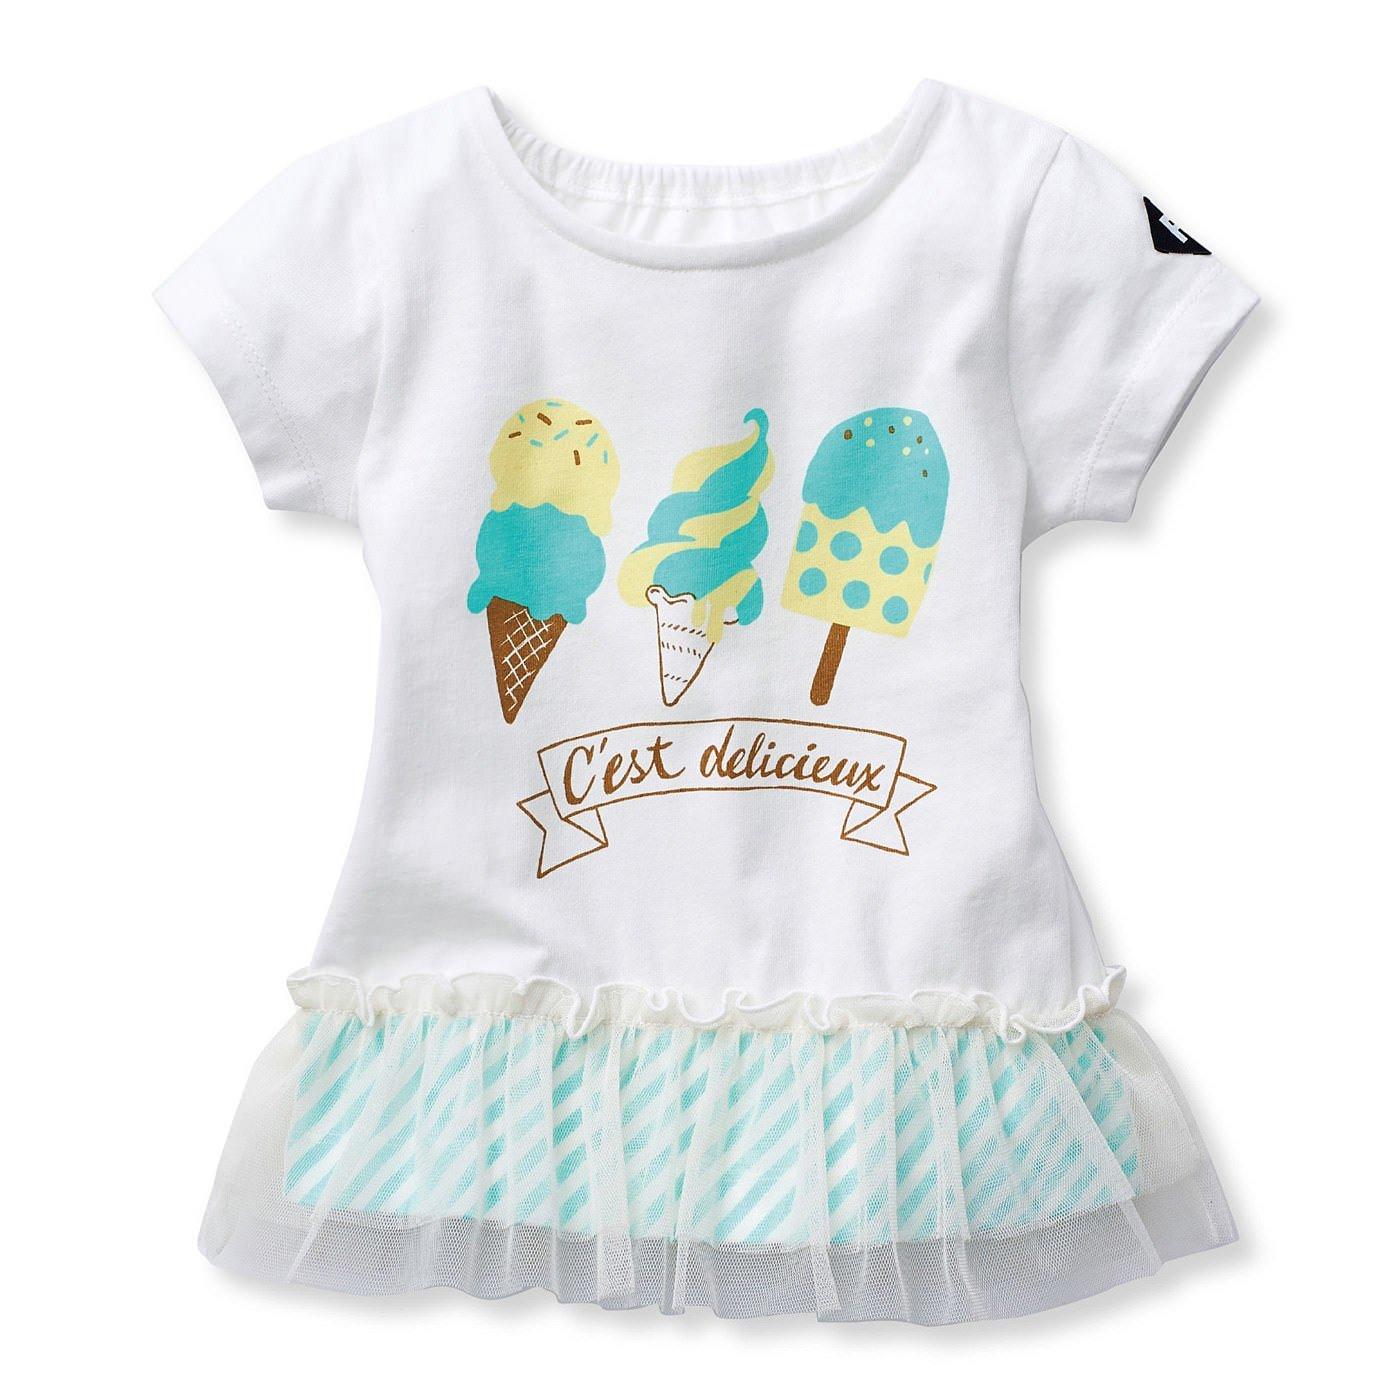 チュールがひらり コットン素材のデリシャスTシャツ〈ホワイト×ミントグリーン〉